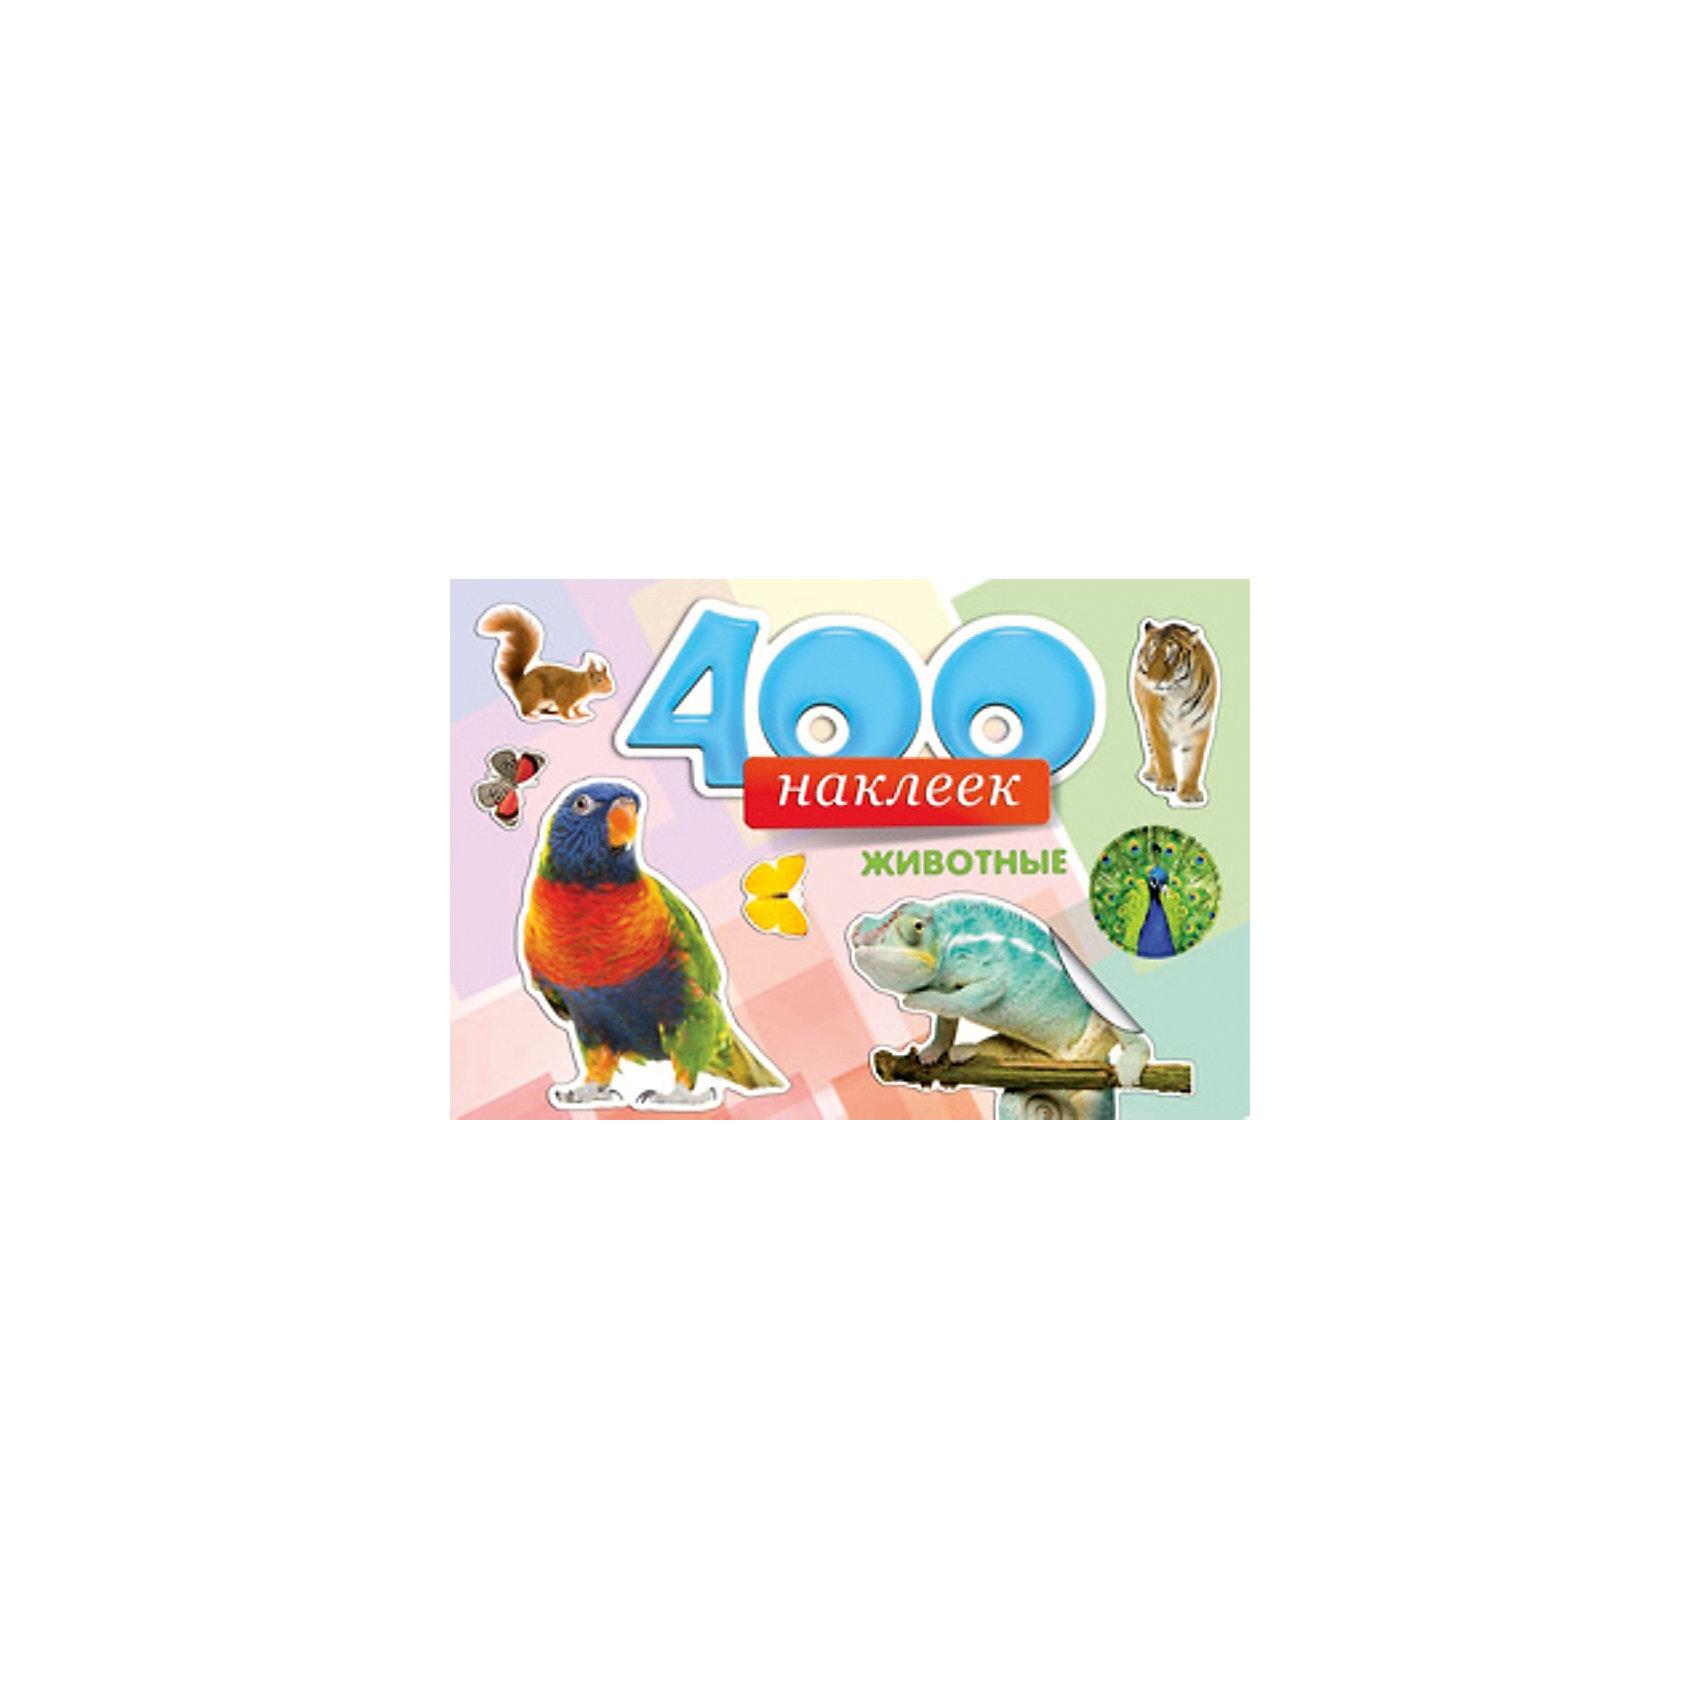 400 наклеек ЖивотныеТворчество для малышей<br>Наклейки любят все дети! Игры с наклейками помогают детям познавать мир и учиться многим вещам, также альбомы позволяют ребенку весело проводить время. Эти издания также стимулируют развитие воображения, логики и творческого мышления.<br>Данный альбом содержит наклейки,  с помощью которых ребенок может узнавать много нового! Выбирать понравившуюся и переклеивать. Яркие наклейки обязательно понравятся малышам!<br>  <br>Дополнительная информация:<br><br>страниц: 6; <br>размер:  295x205 мм;<br>вес: 155 г.<br><br>400 наклеек Животные от издательства Проф-Пресс можно купить в нашем магазине.<br><br>Ширина мм: 295<br>Глубина мм: 5<br>Высота мм: 200<br>Вес г: 155<br>Возраст от месяцев: 24<br>Возраст до месяцев: 96<br>Пол: Унисекс<br>Возраст: Детский<br>SKU: 4787206